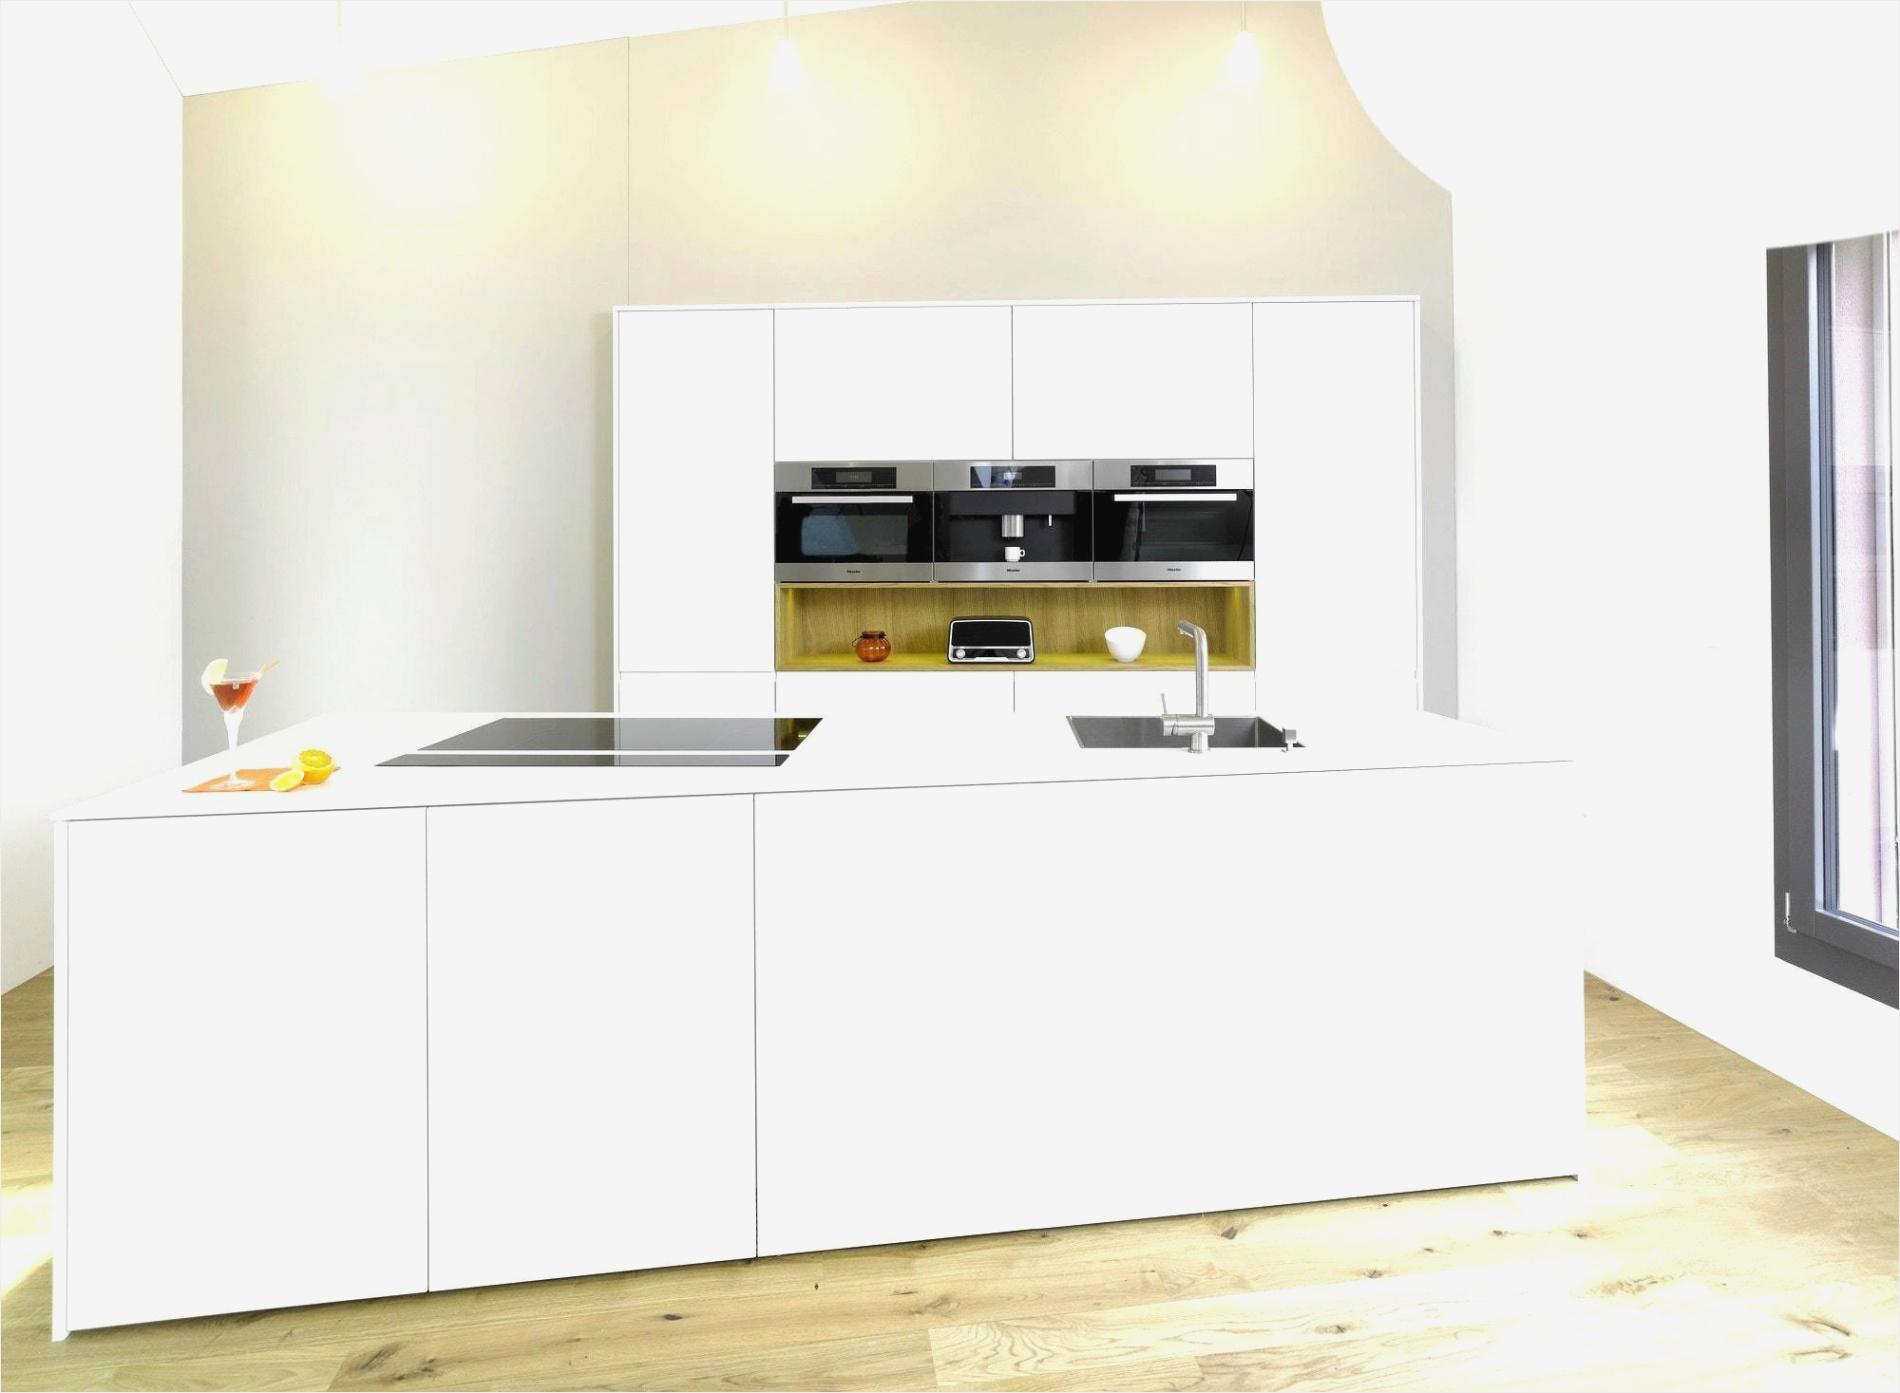 Full Size of Ikea Kchen Tisch Klein Erweitern Ideen Kche Haus Küche Zusammenstellen Miniküche Hängeschränke Bodenfliesen Led Deckenleuchte Mit Insel Arbeitsplatten Wohnzimmer Küche Ideen Klein